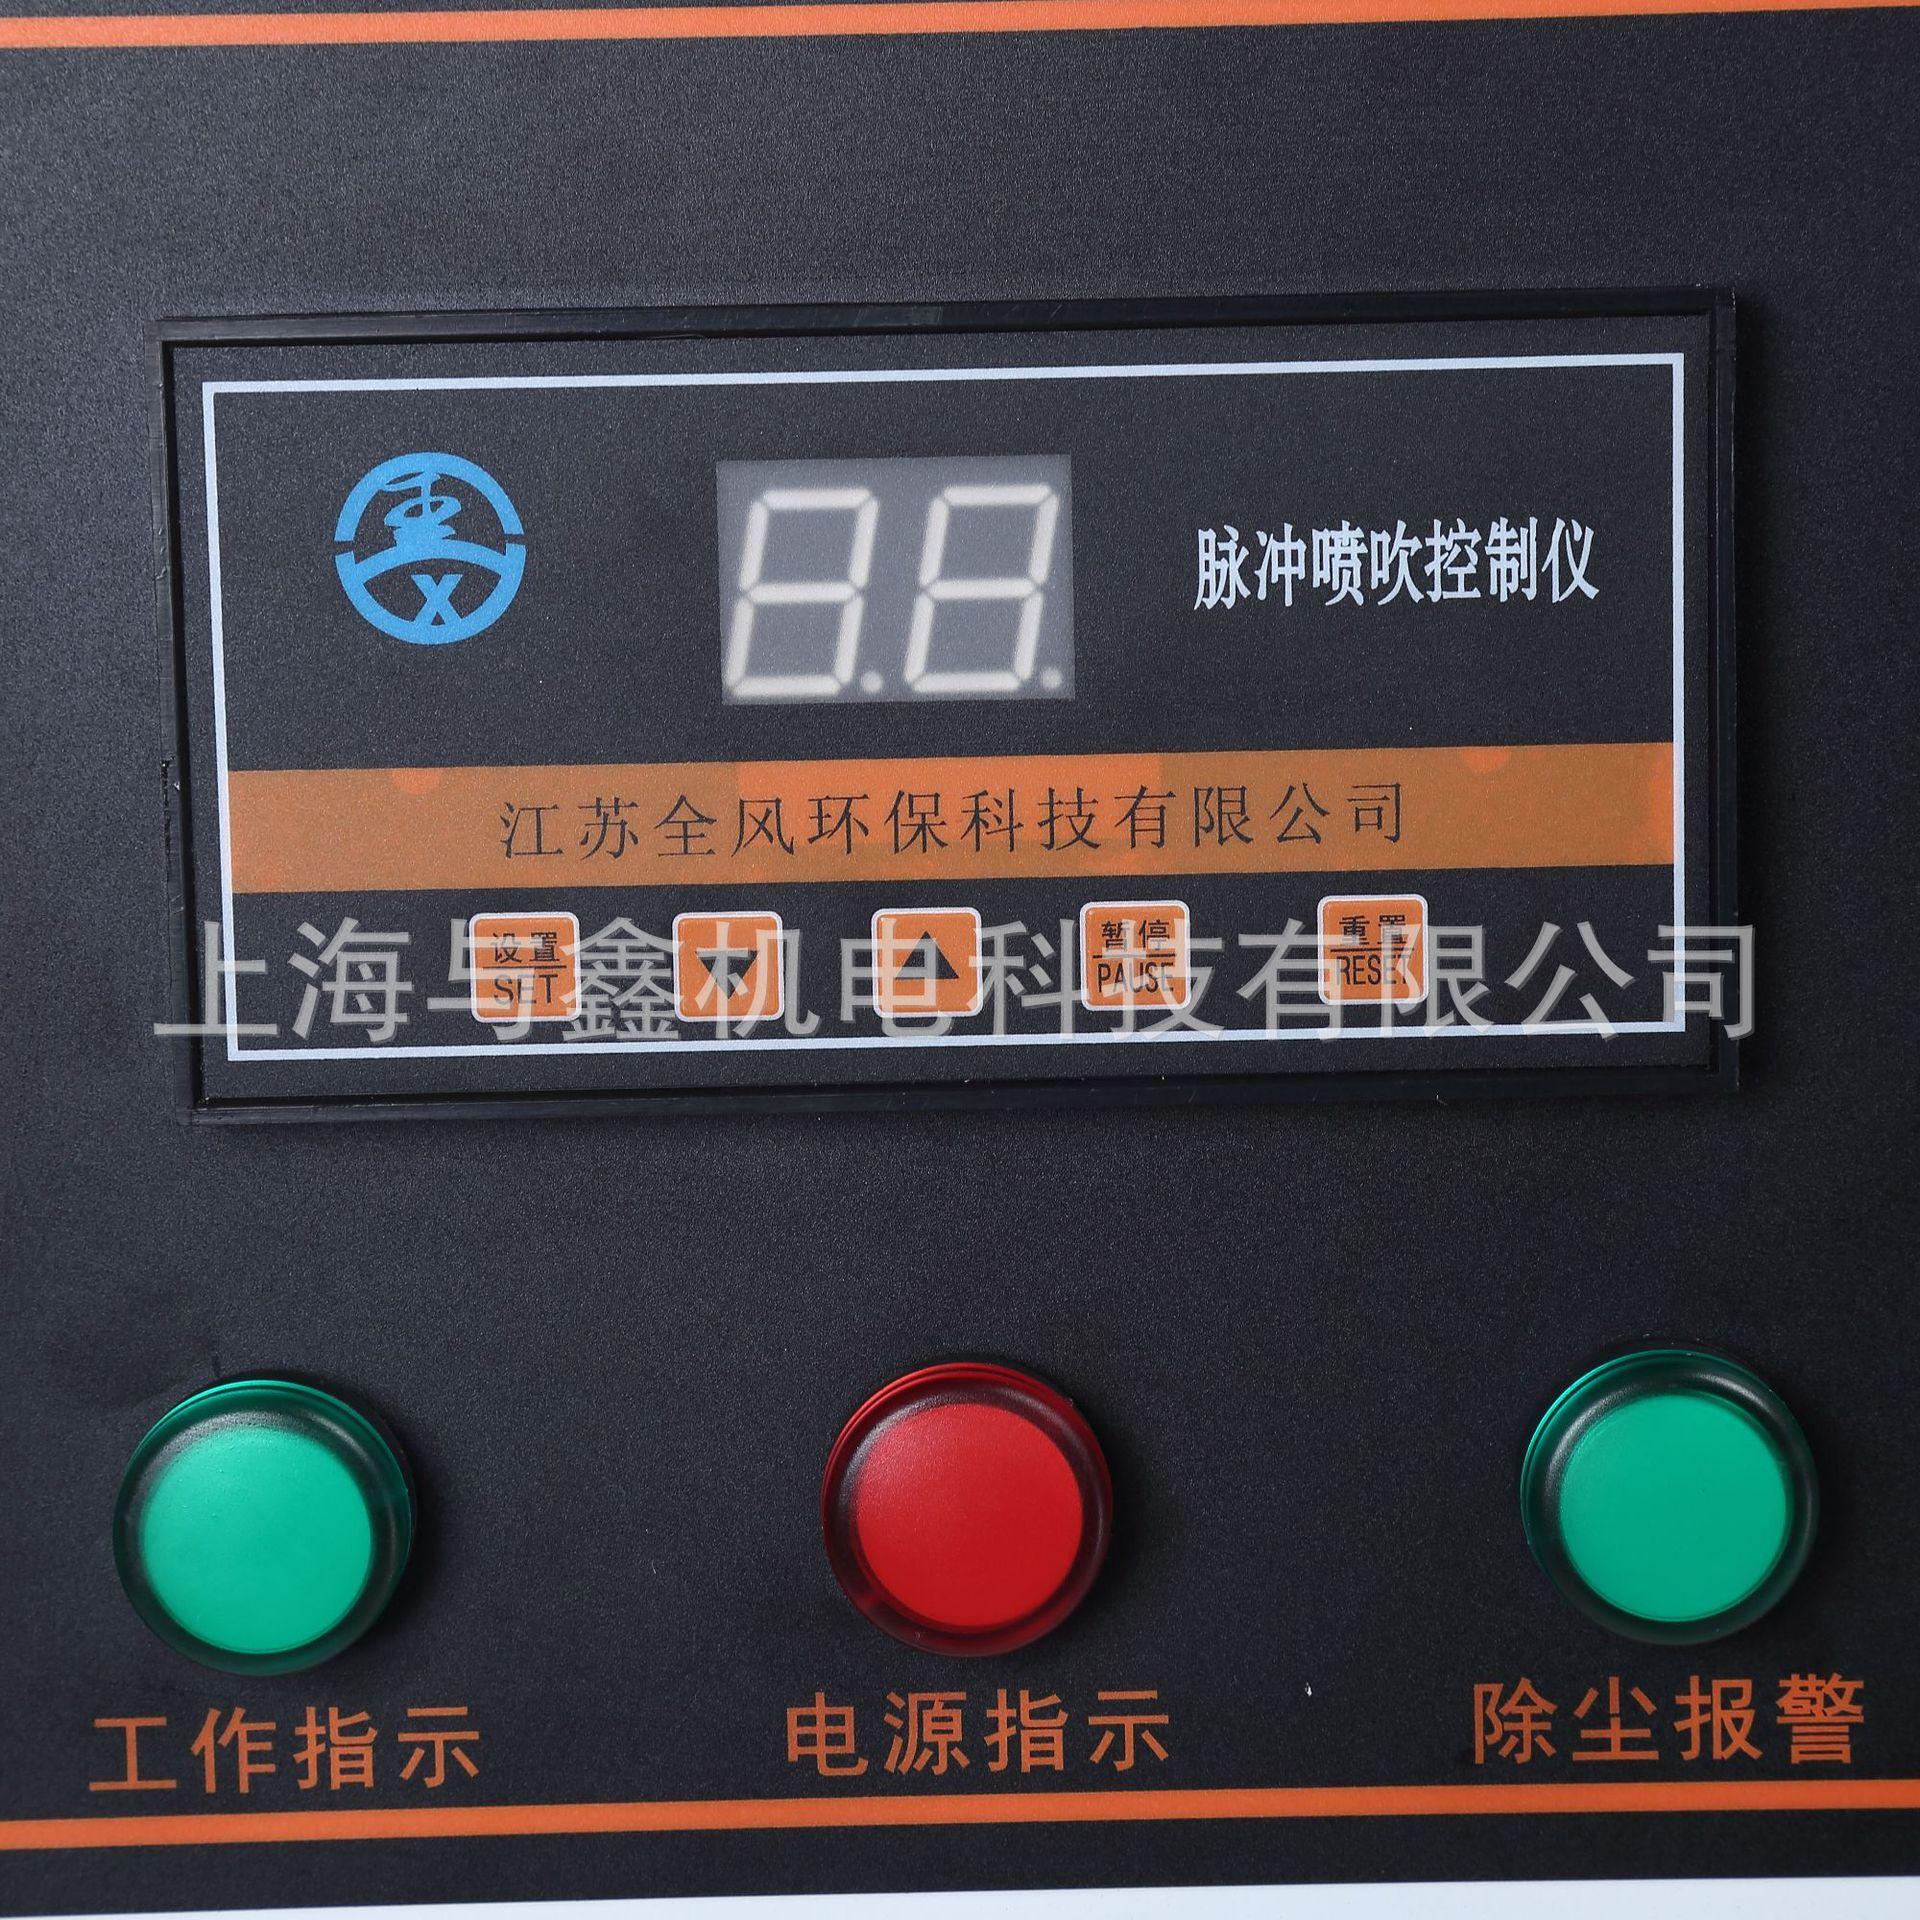 工业磨床粉尘吸尘器 打磨集尘器 磨床抛光除尘器 车间扬尘集尘机 大功率磨床吸尘器示例图7